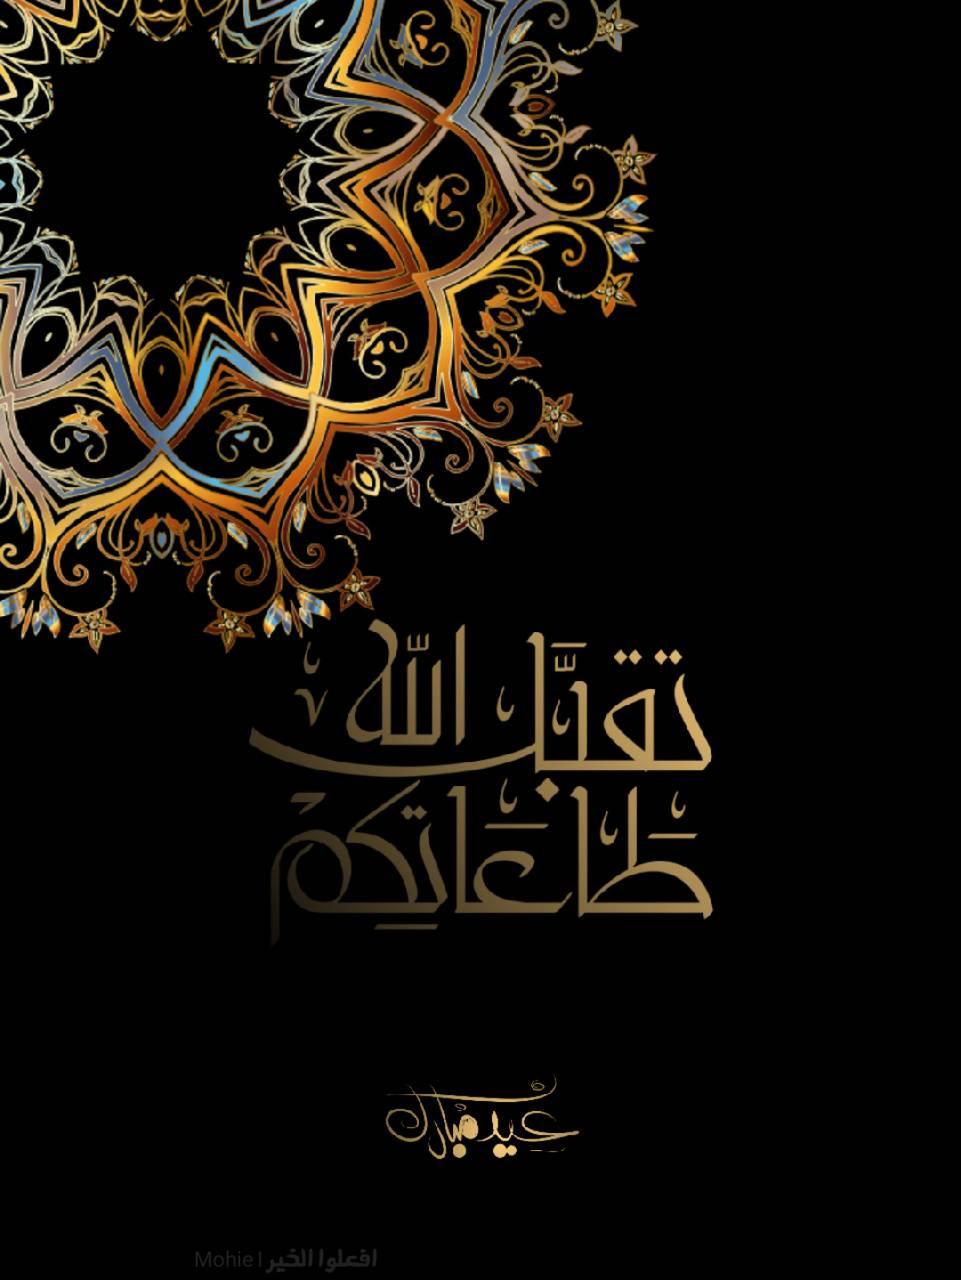 Eid Mubarak Wallpaper By Mohie214 7f Free On Zedge